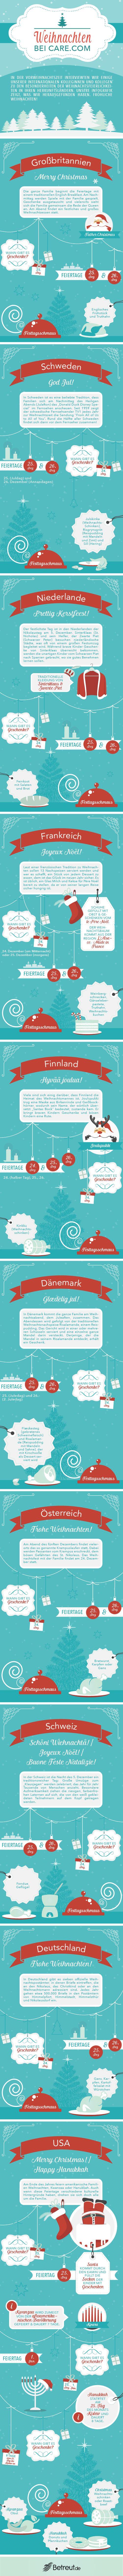 Traditionen rund um den Globus  Welche Traditionen und Bräuche zu Weihnachten gibt es in Europa und den USA? Unsre Infografik zeigt, wie Familien auf der ganzen Welt Weihnachten feiern.